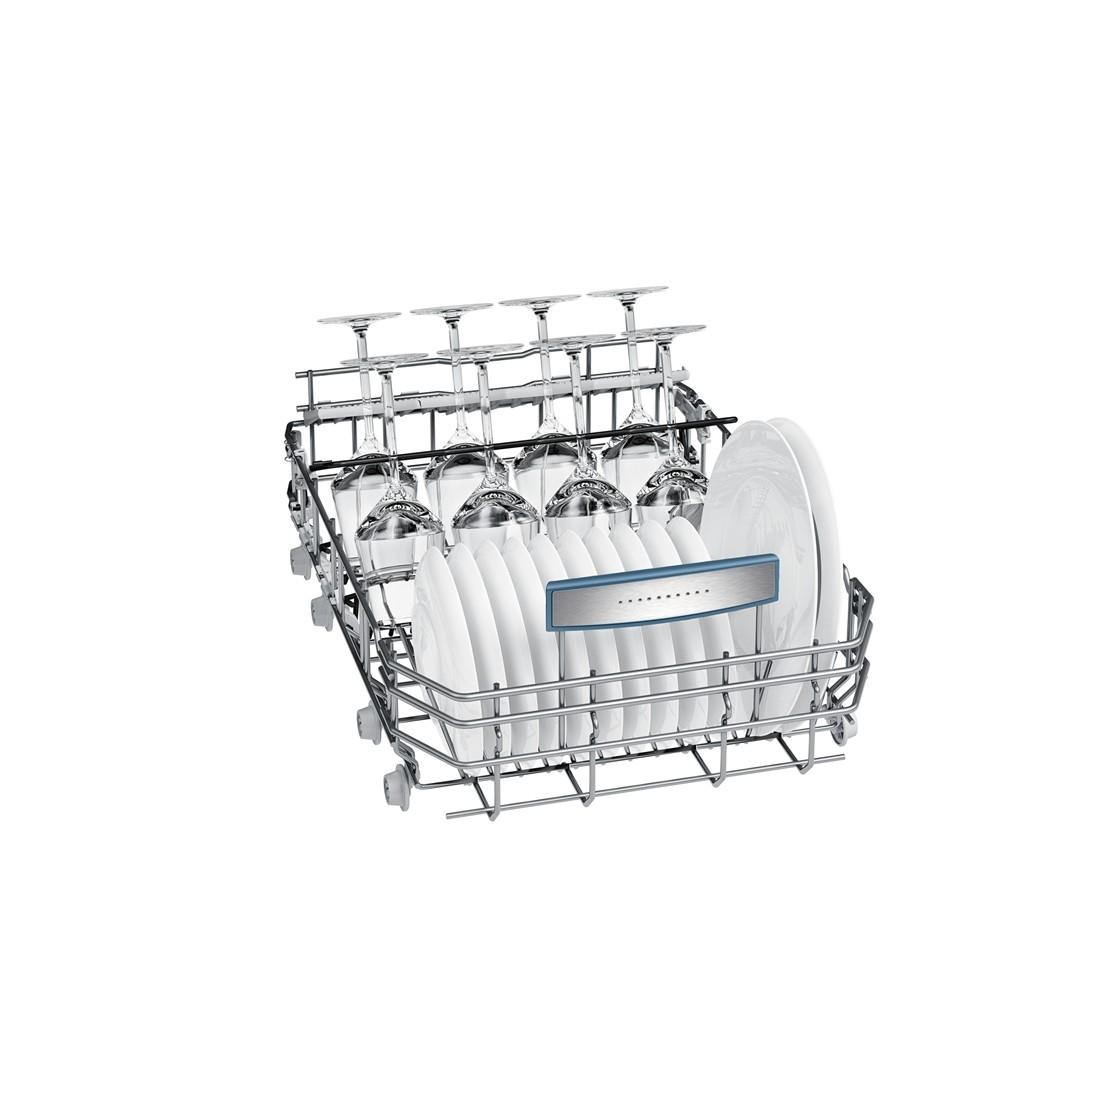 посудомойка бош встраиваемая инструкция пользователя